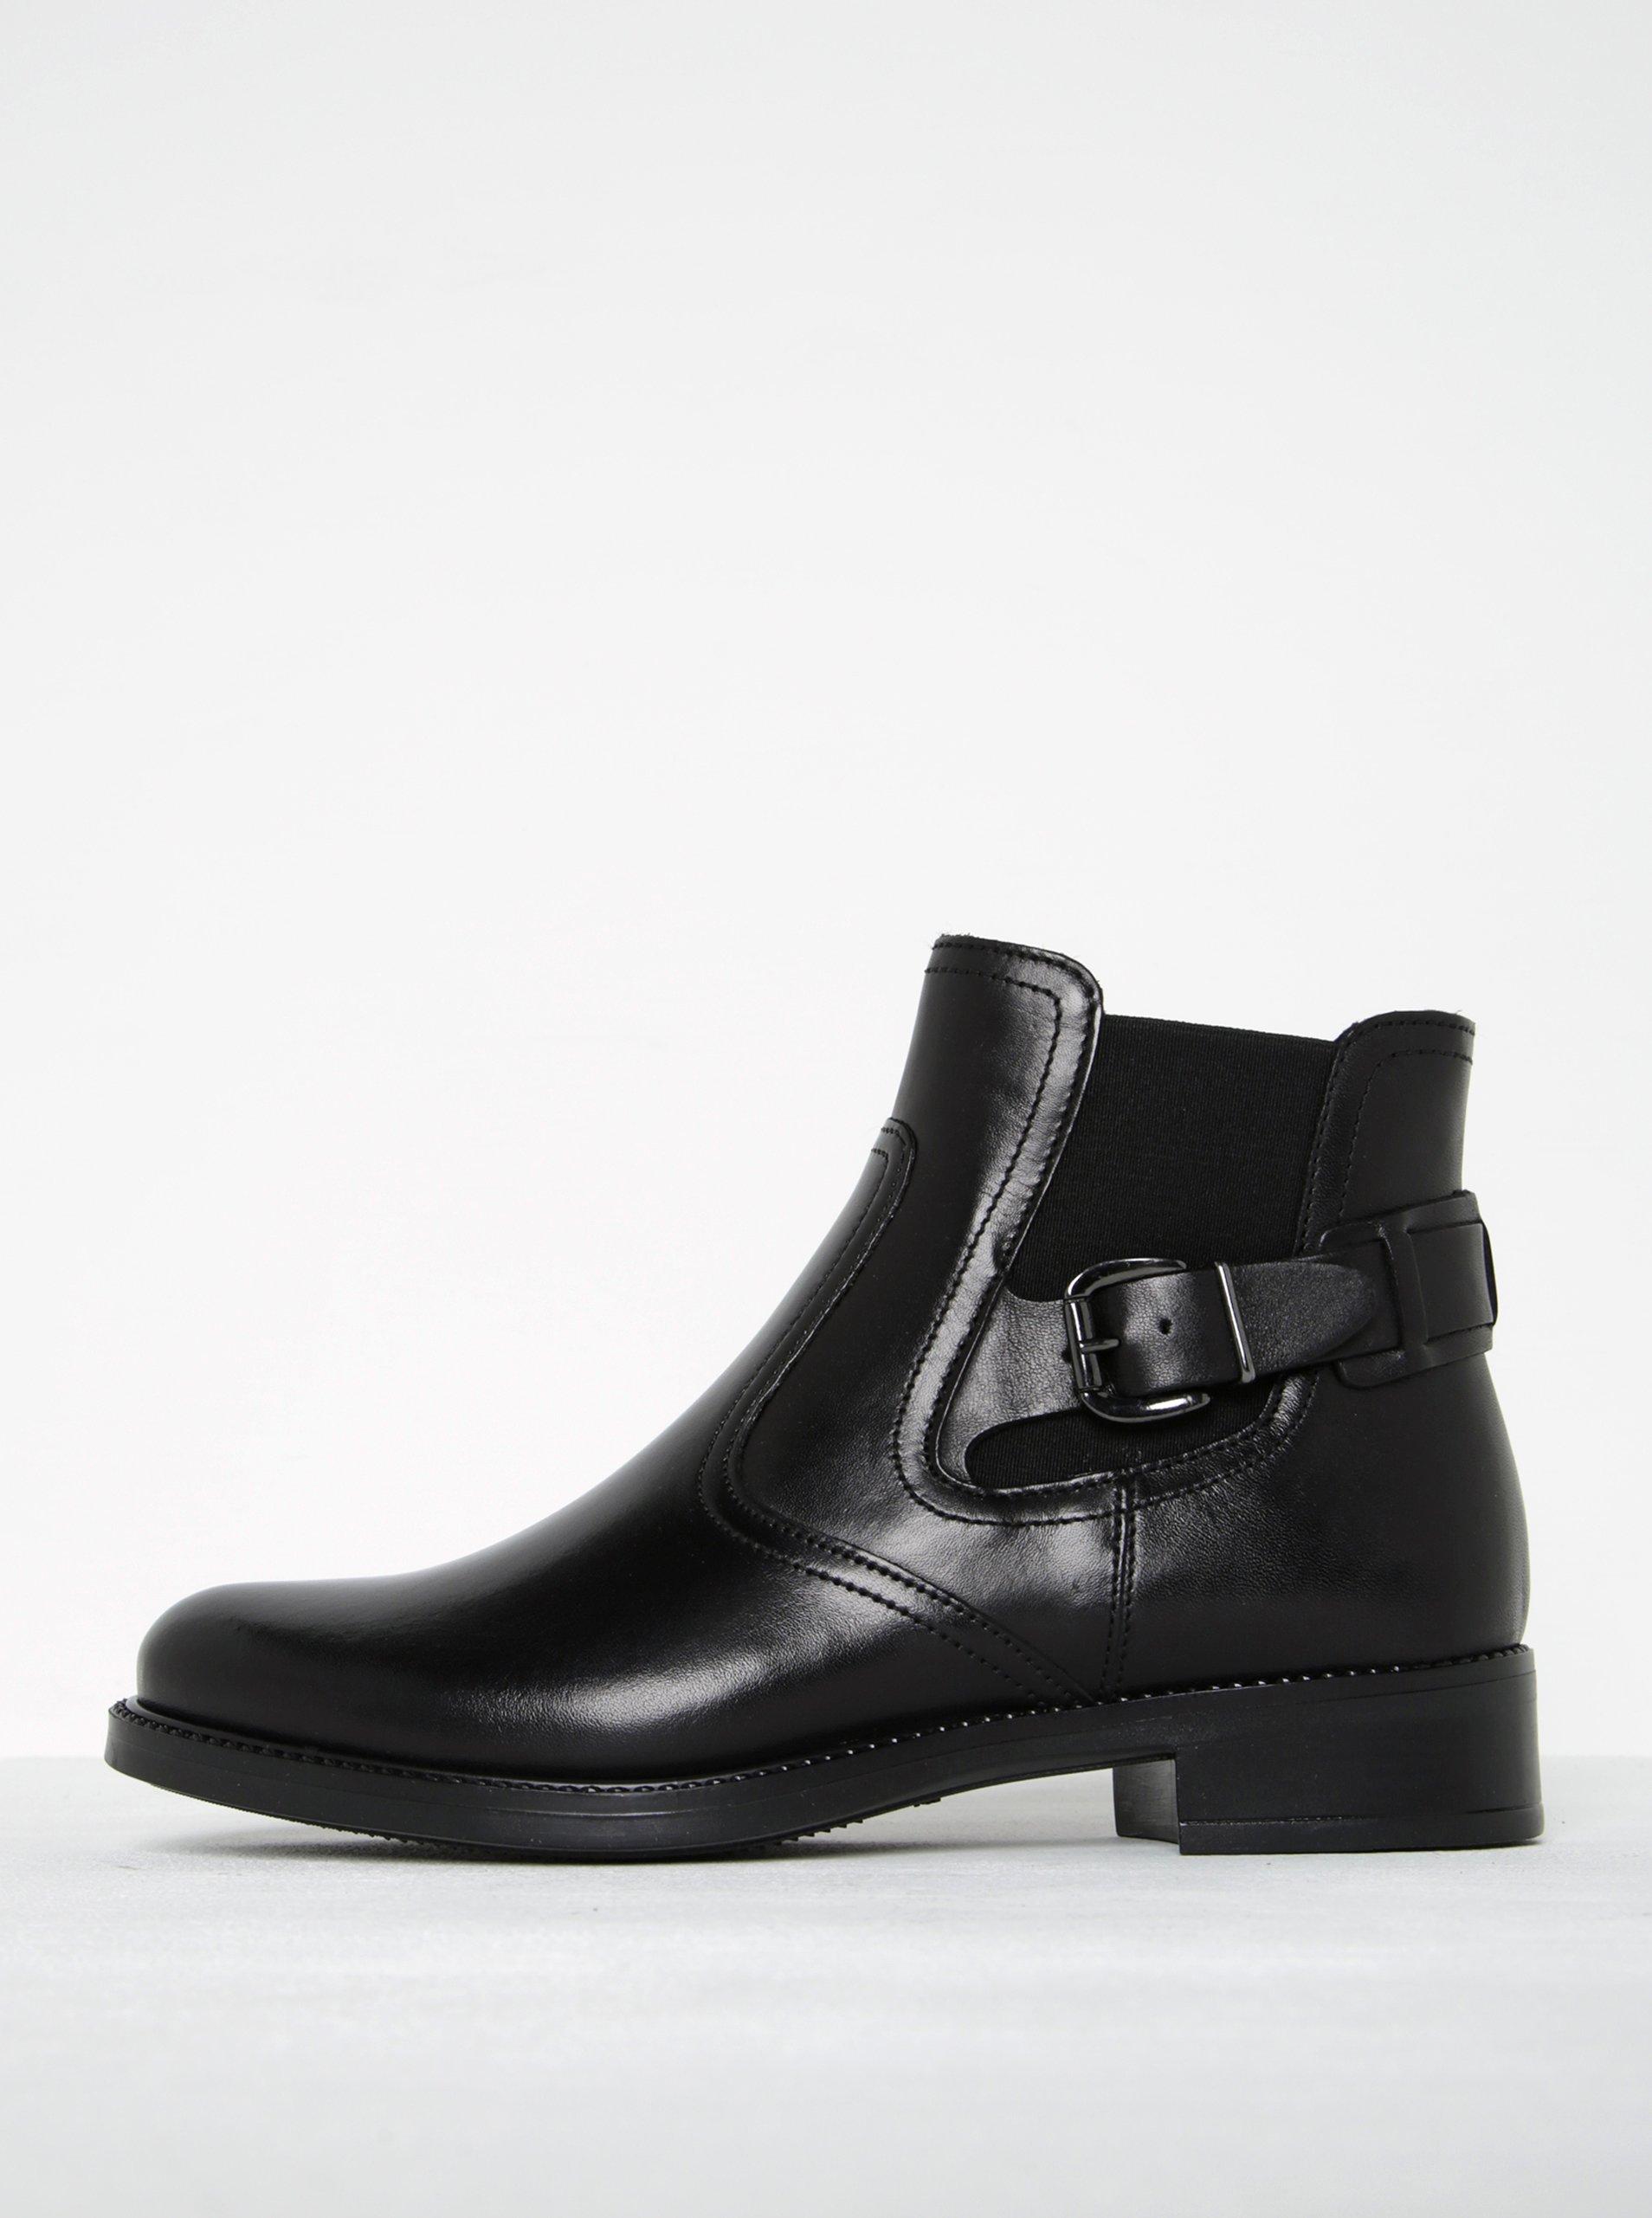 Černé kožené chelsea boty s přezkou Tamaris